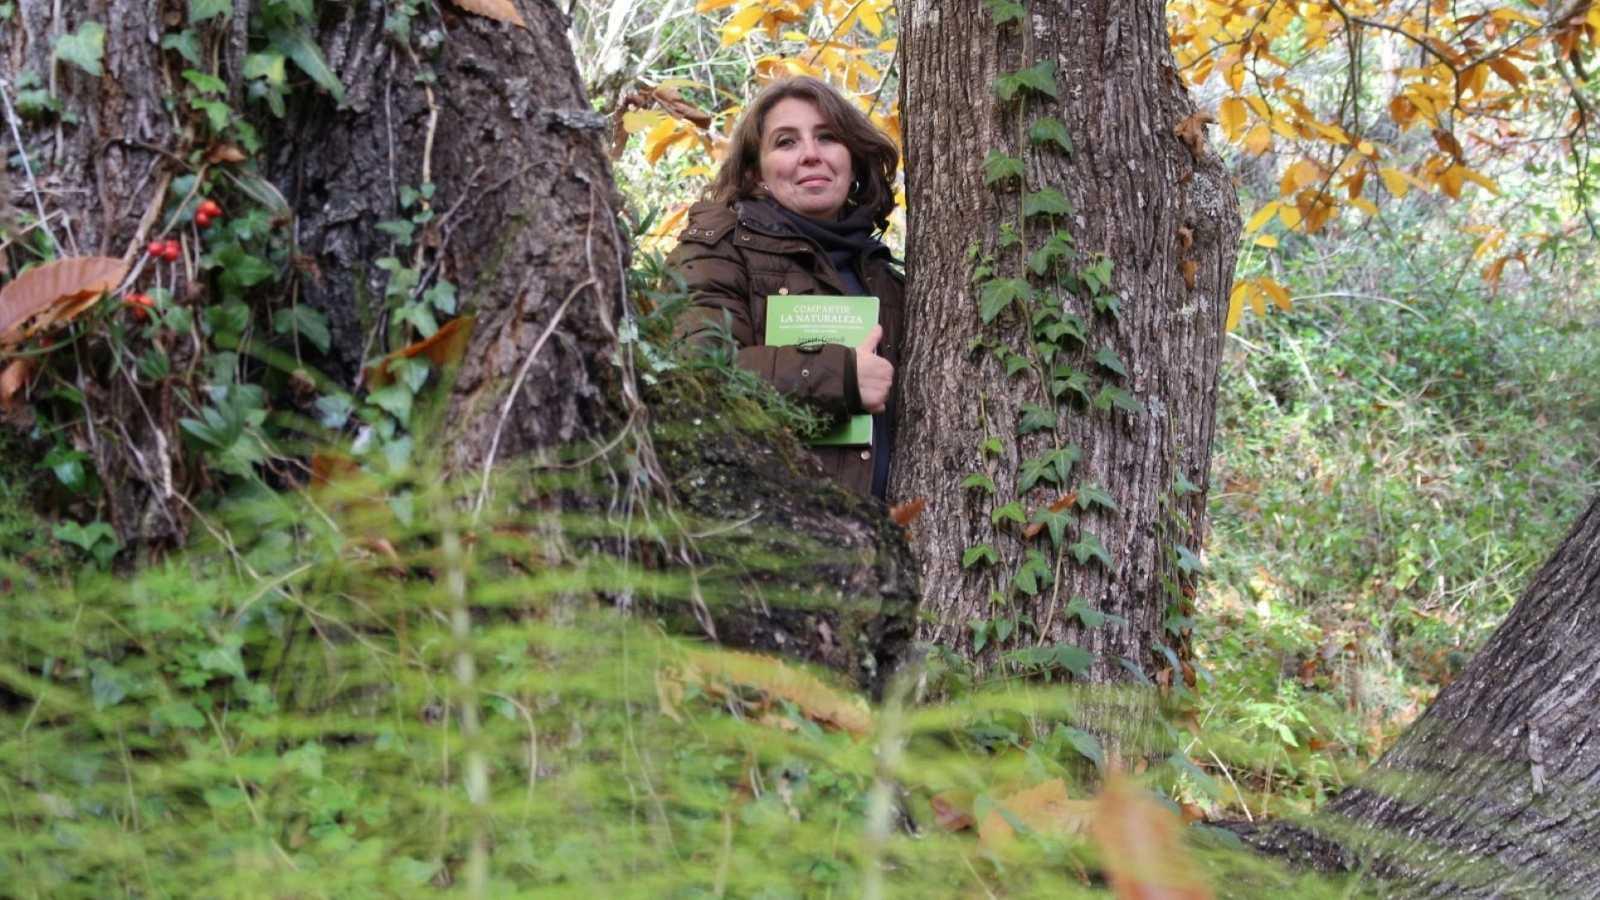 El bosque habitado - Una educadora a cielo abierto: Paqui Godino - 25/10/20 - escuchar ahora